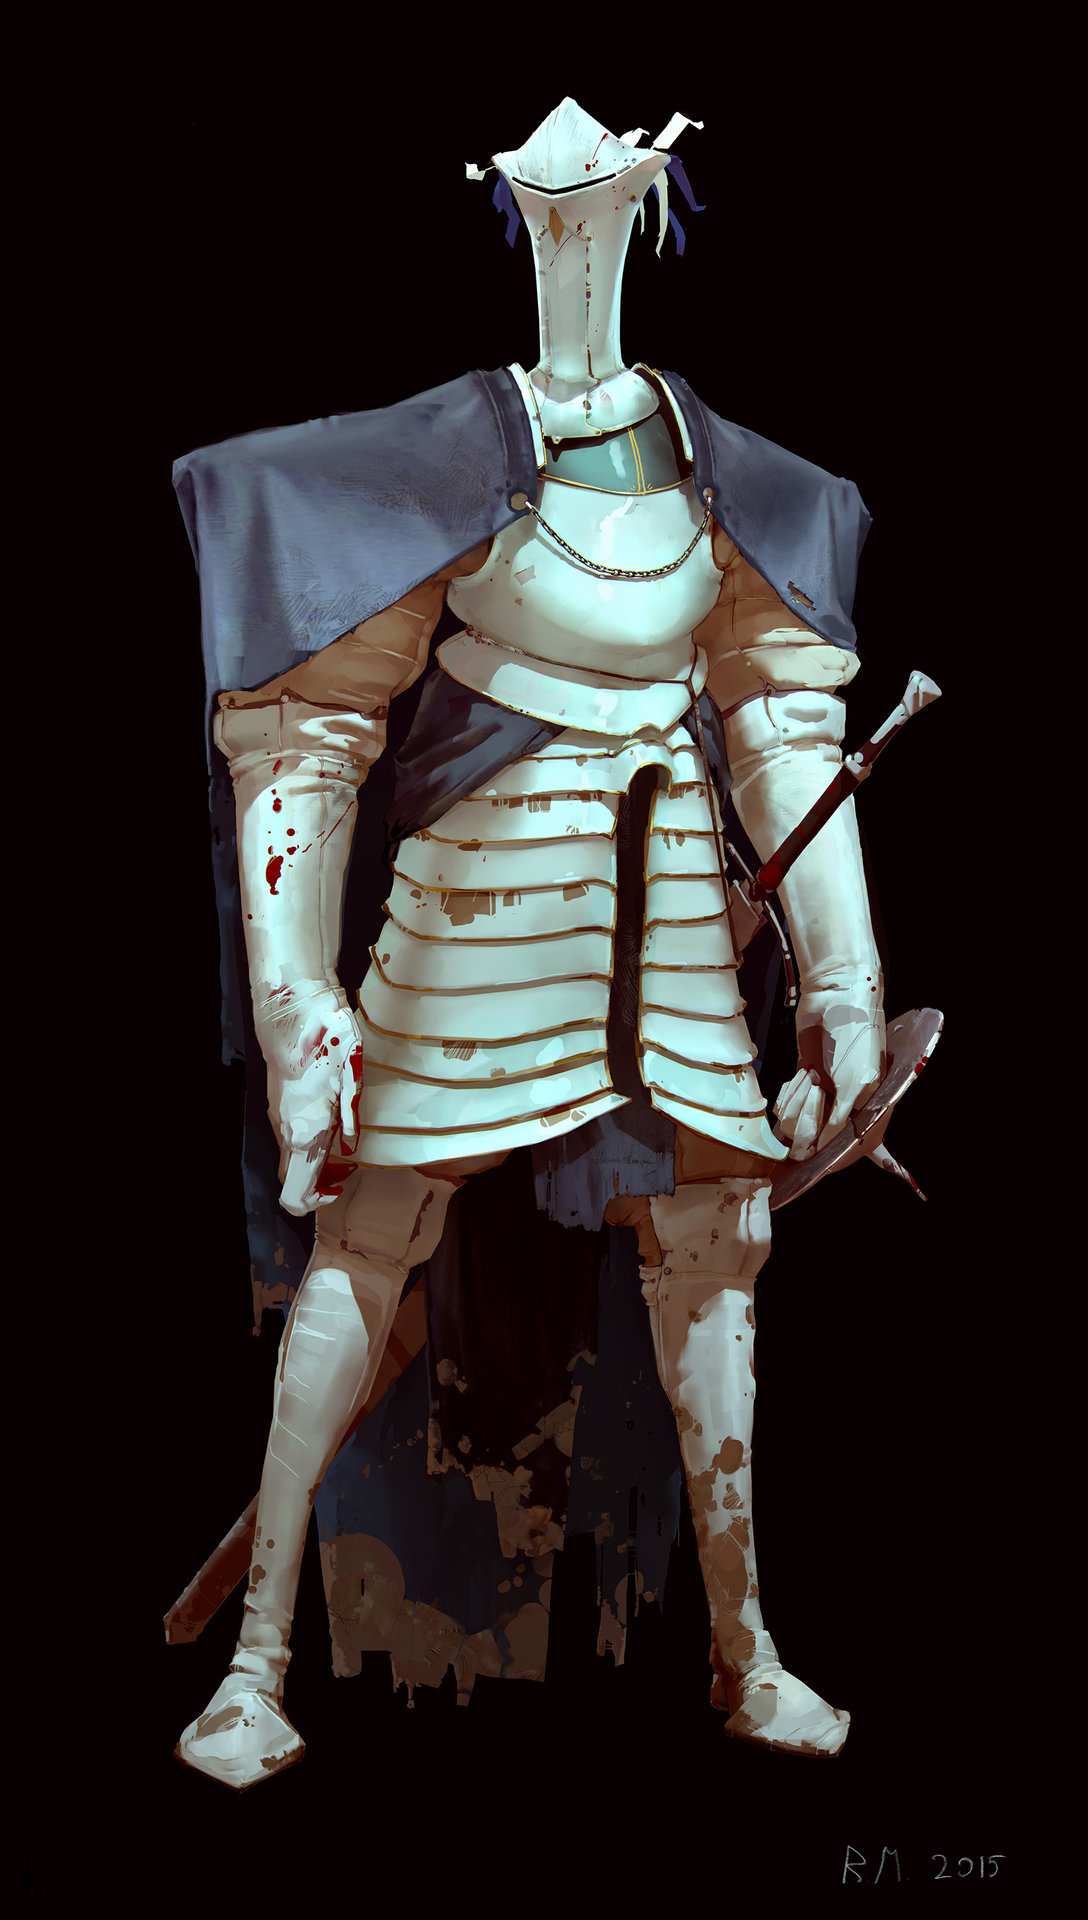 Mikhail rakhmatullin w knight 4s2